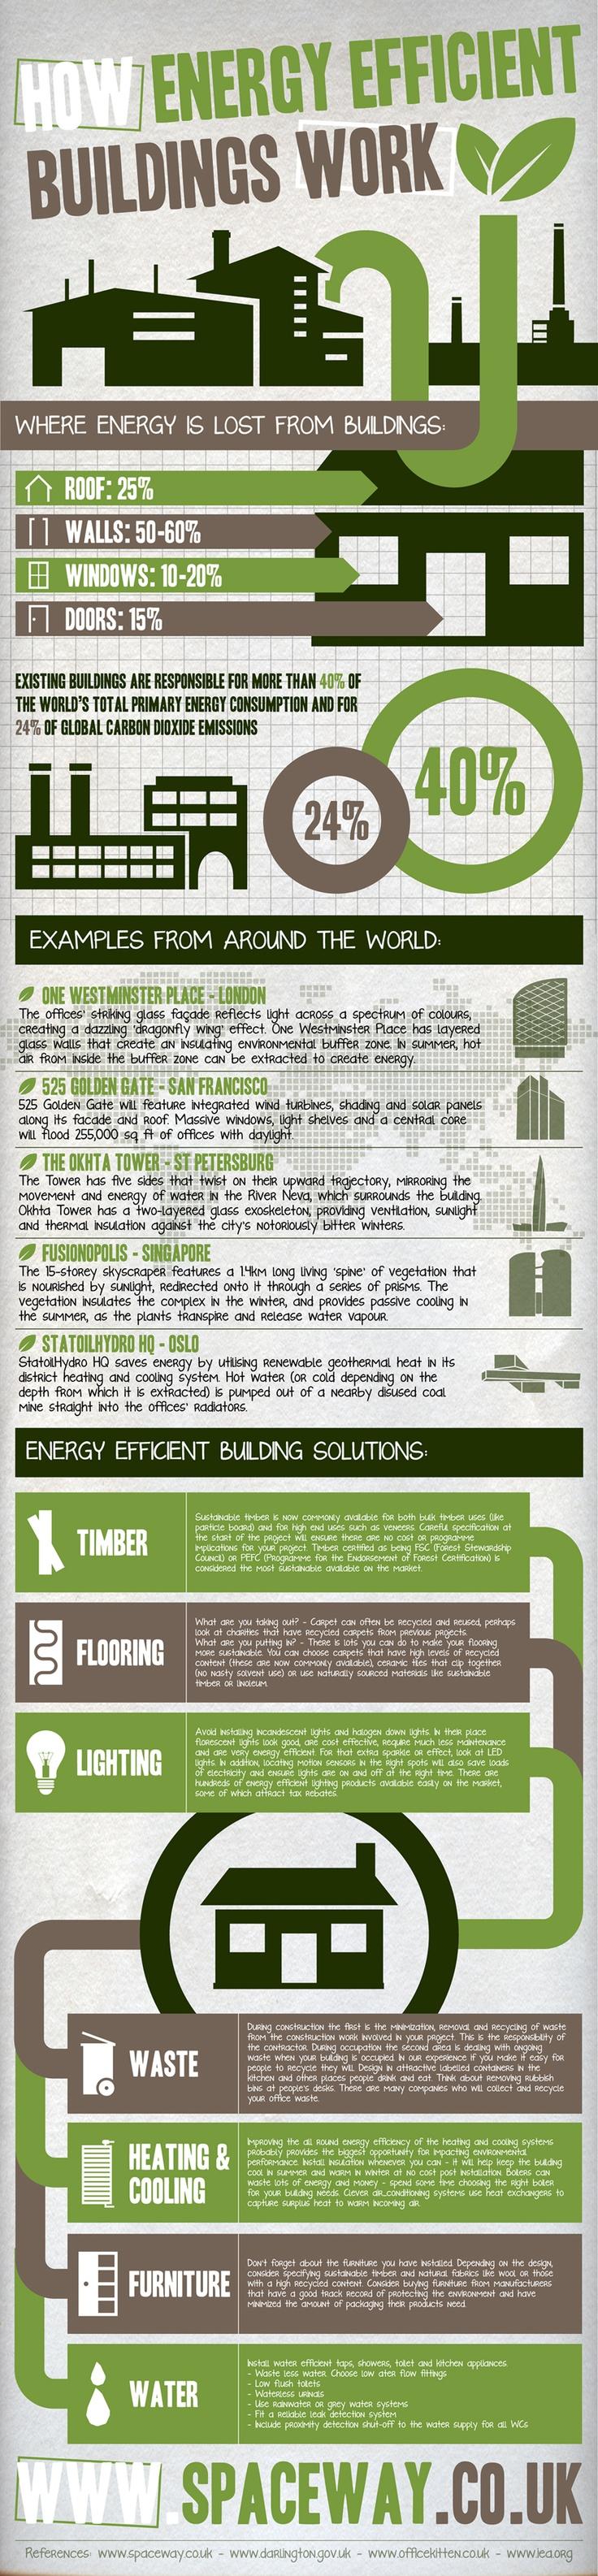 eficiencia edificios trabajo